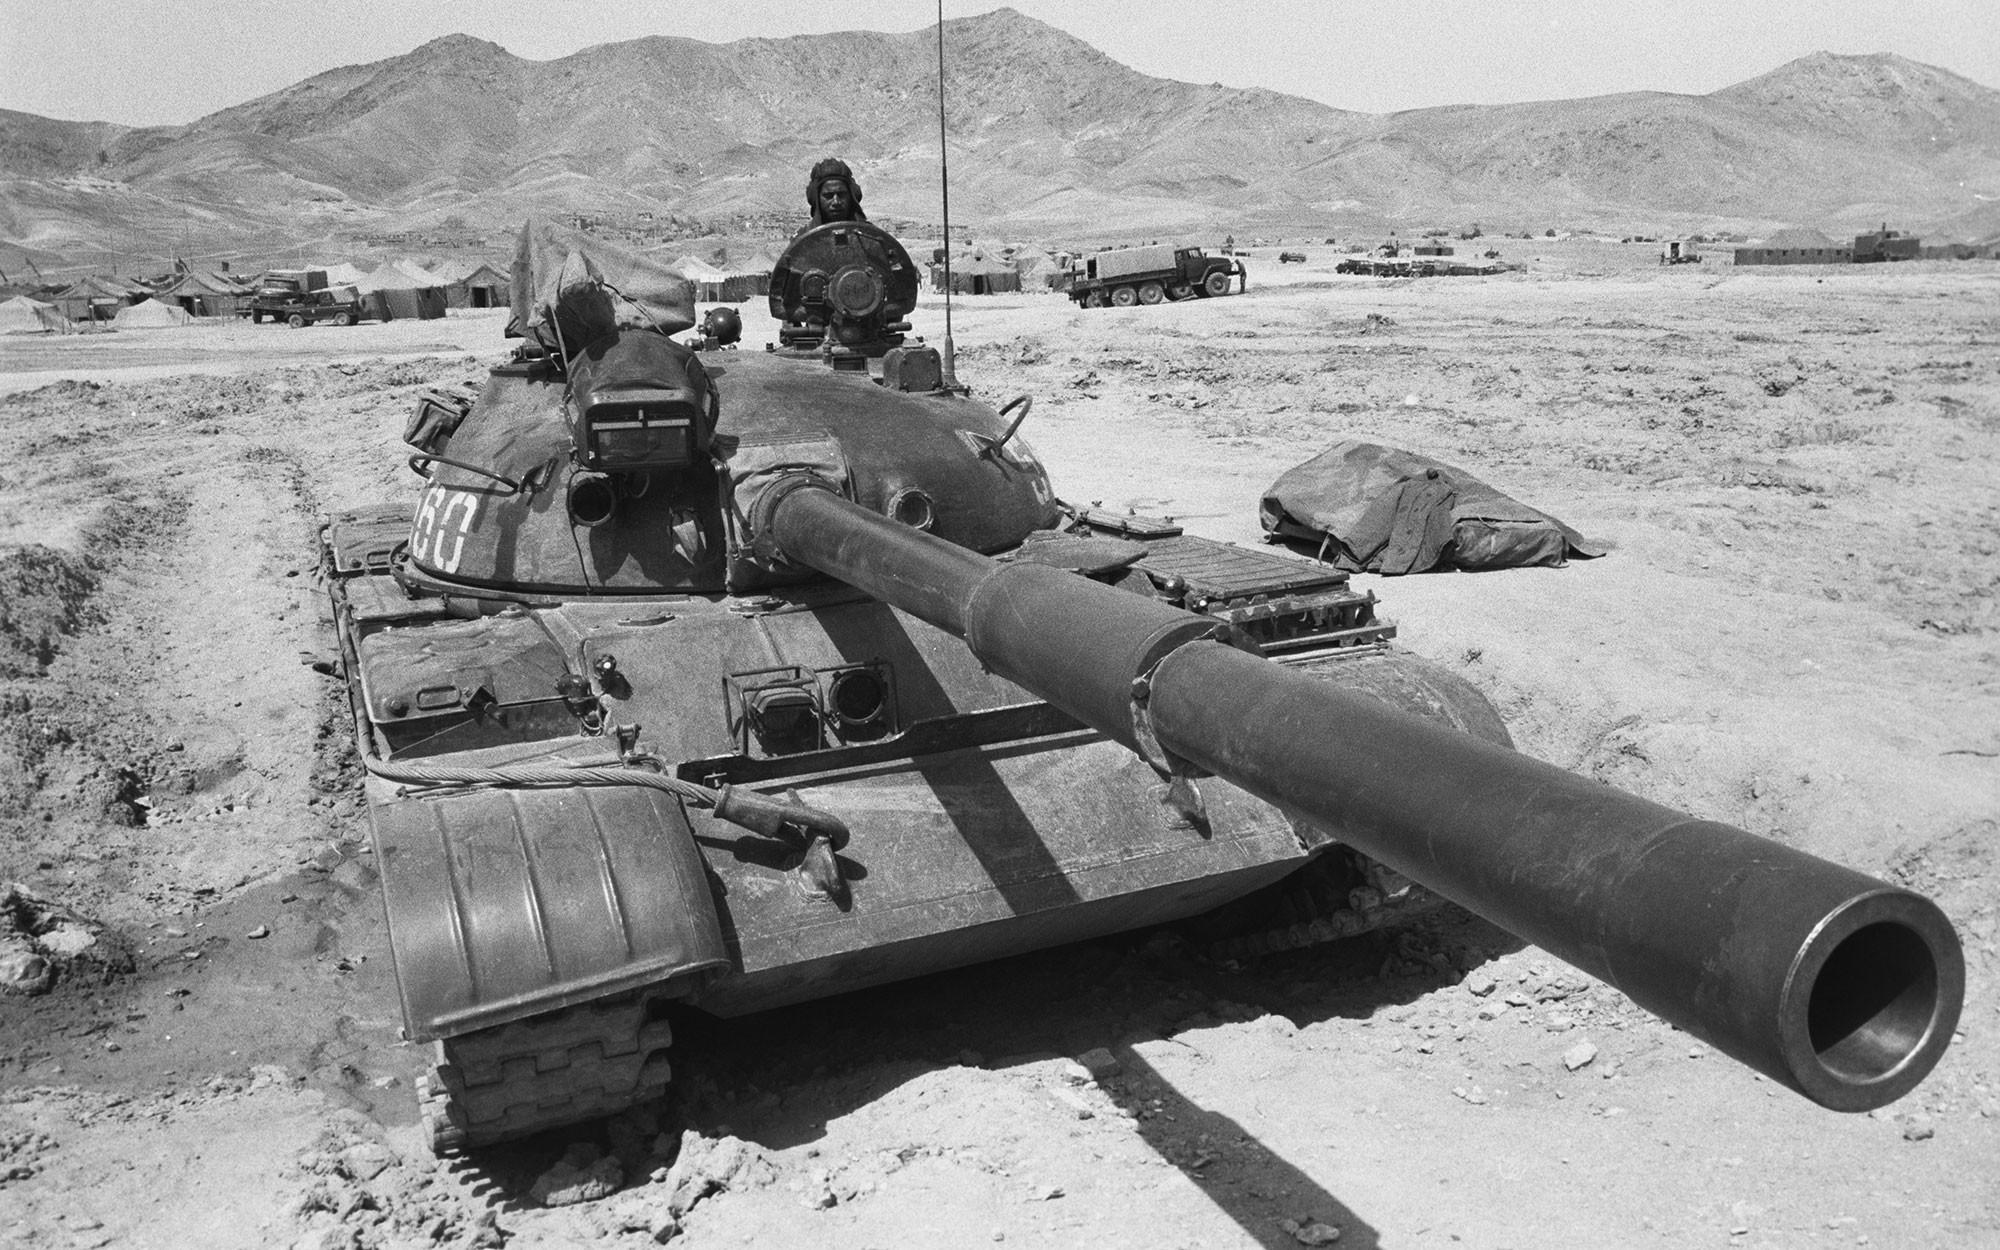 Советские войска в горах Афганистана. Фото: © РИА Новости / Владимир Вяткин